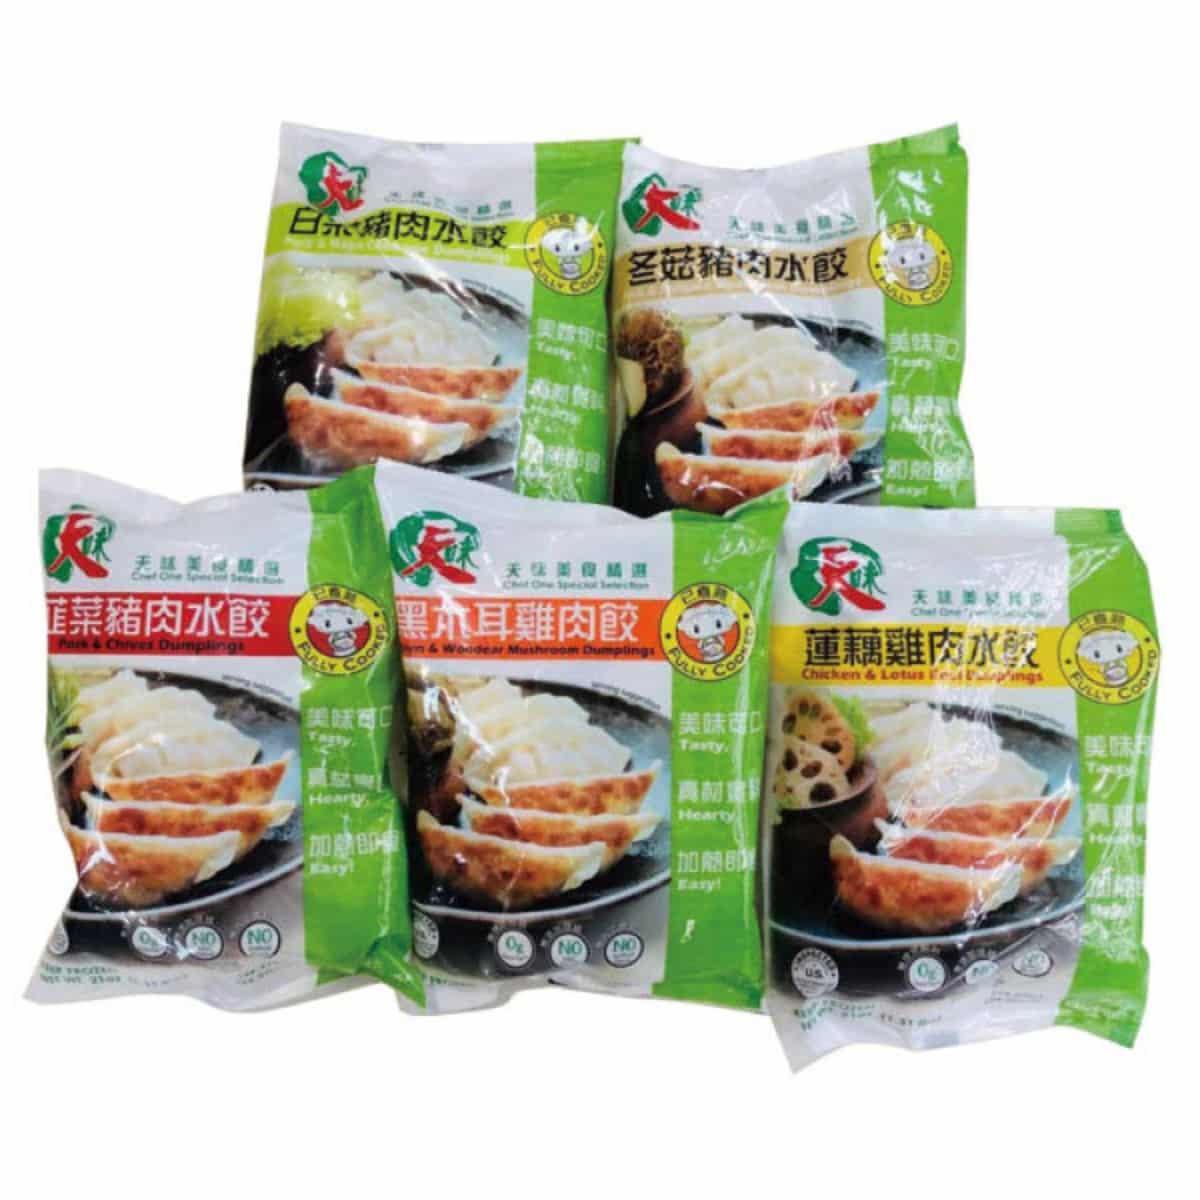 TianWei Dumplings 天味水饺系列 21oz